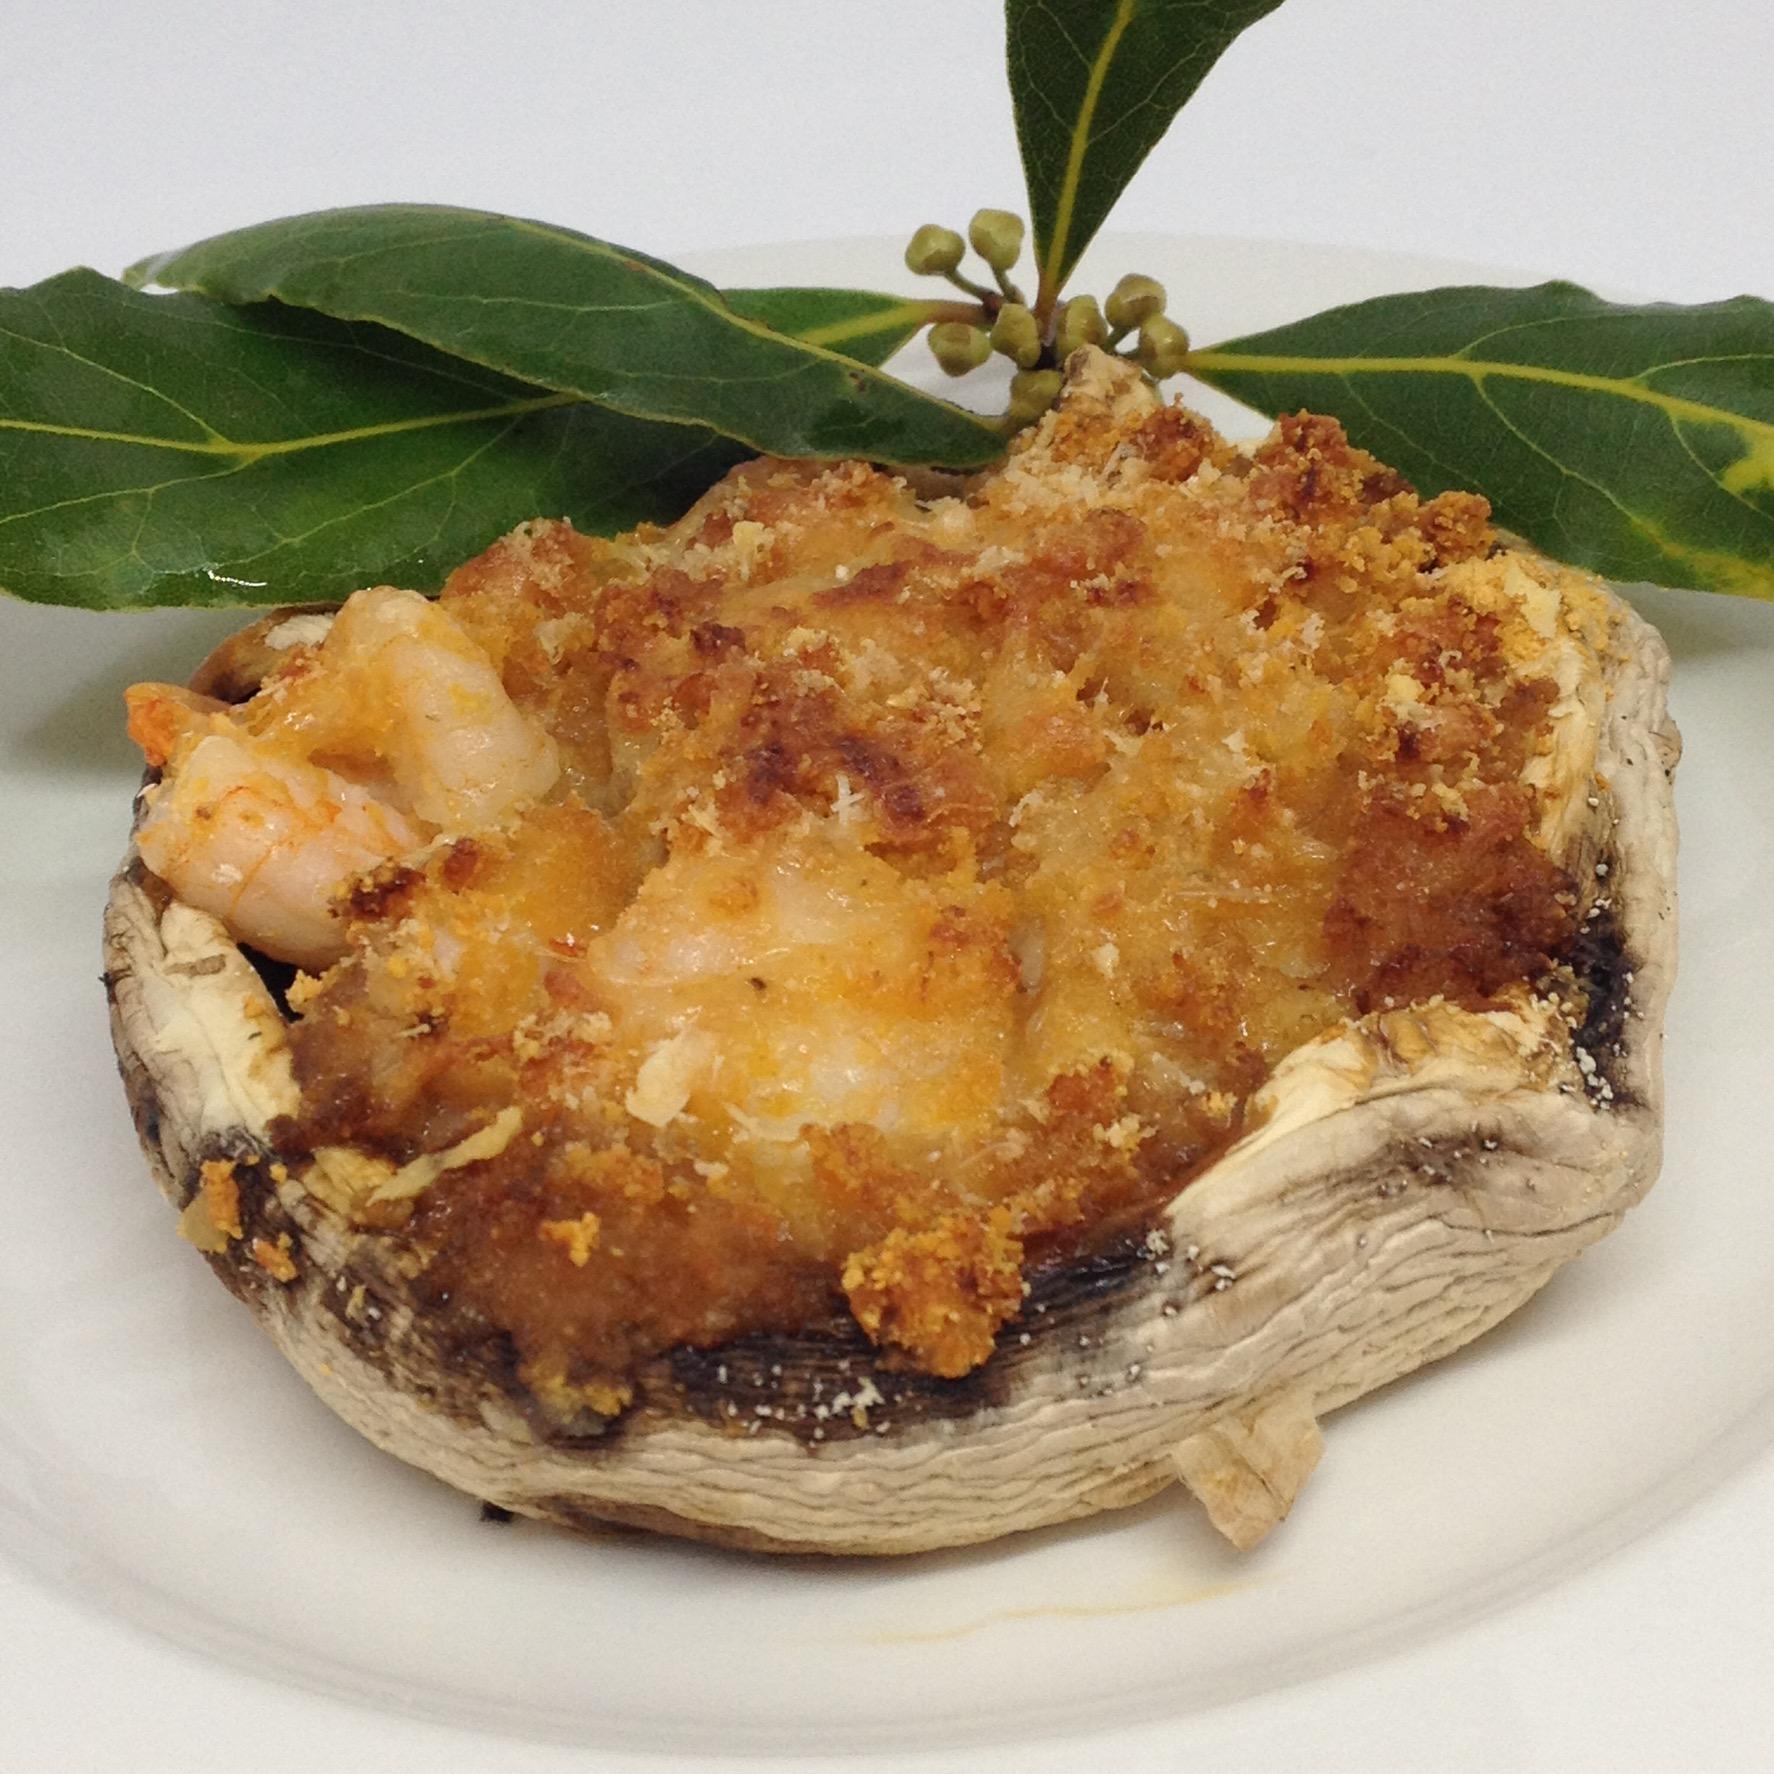 Stuffed Seafood Mushrooms